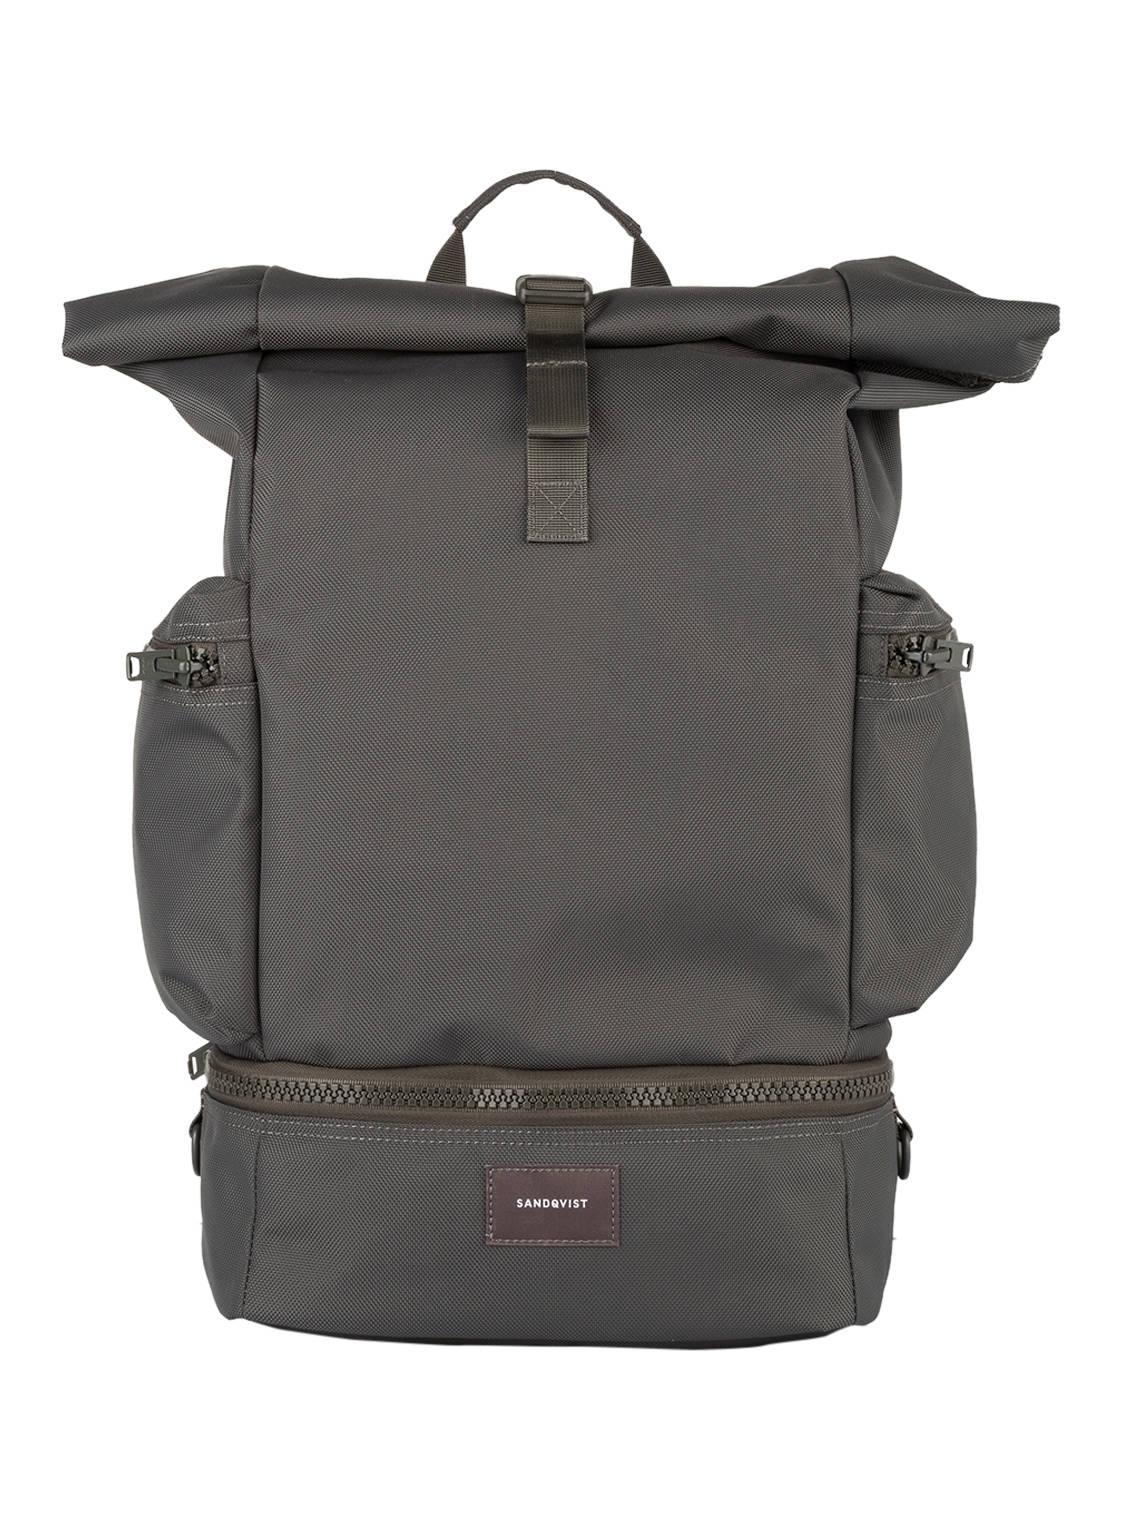 f16b6740f0cb6 Sporttaschen und Rucksäcke bei Sportiply